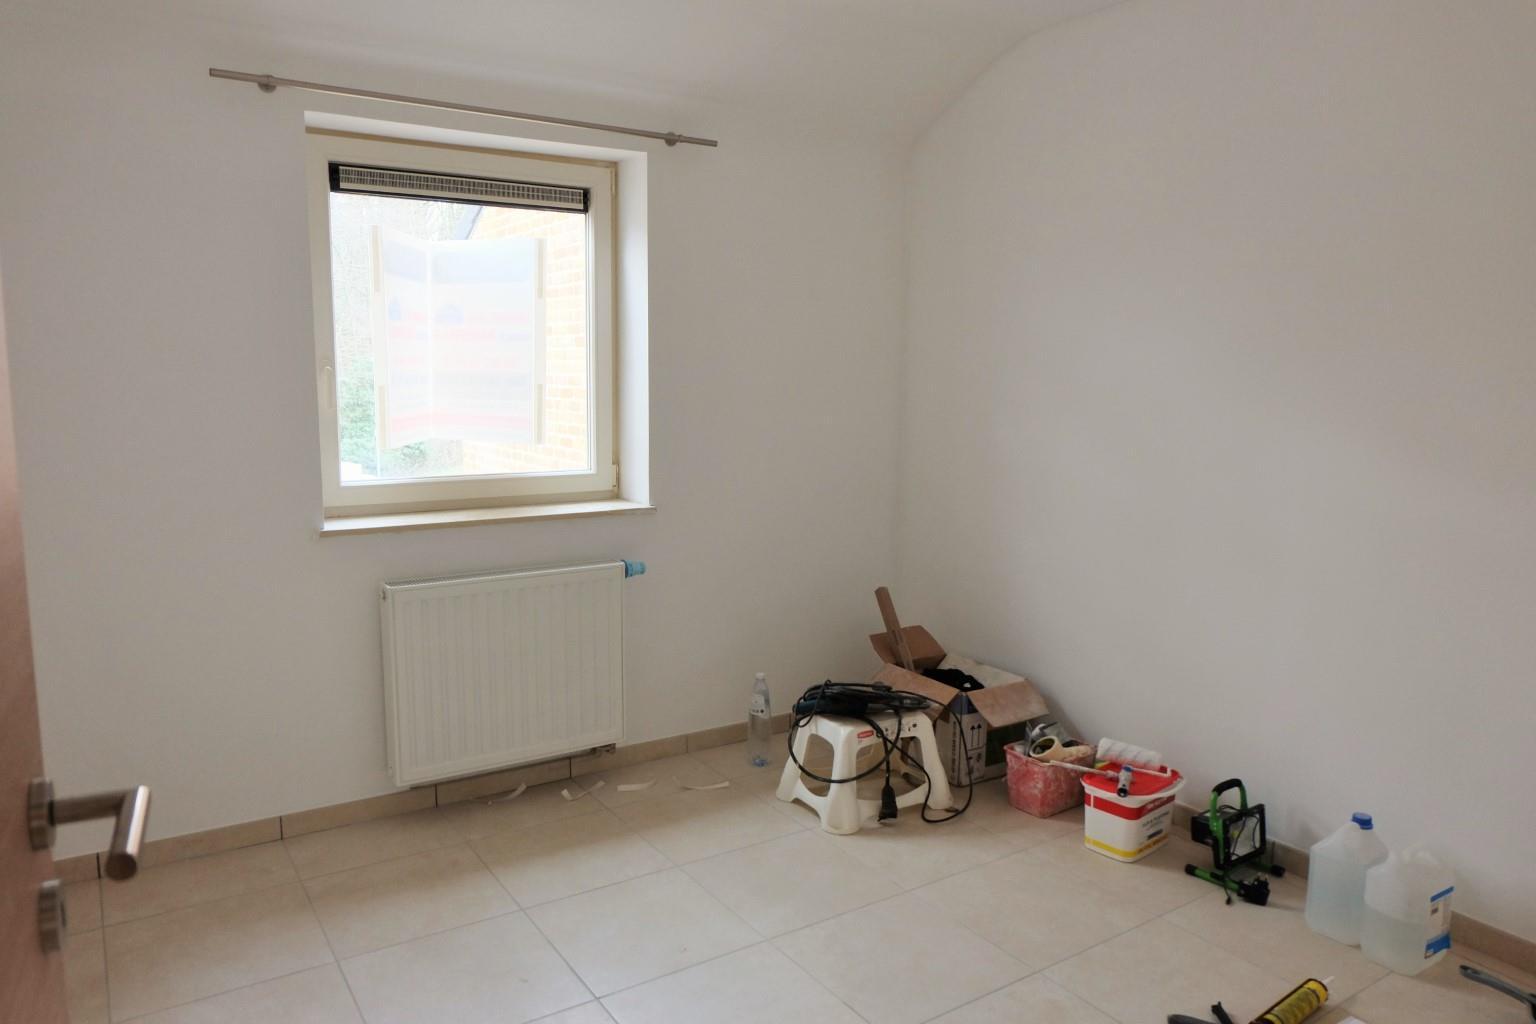 Appartement - Braine-le-Comte Hennuyères - #2181184-6